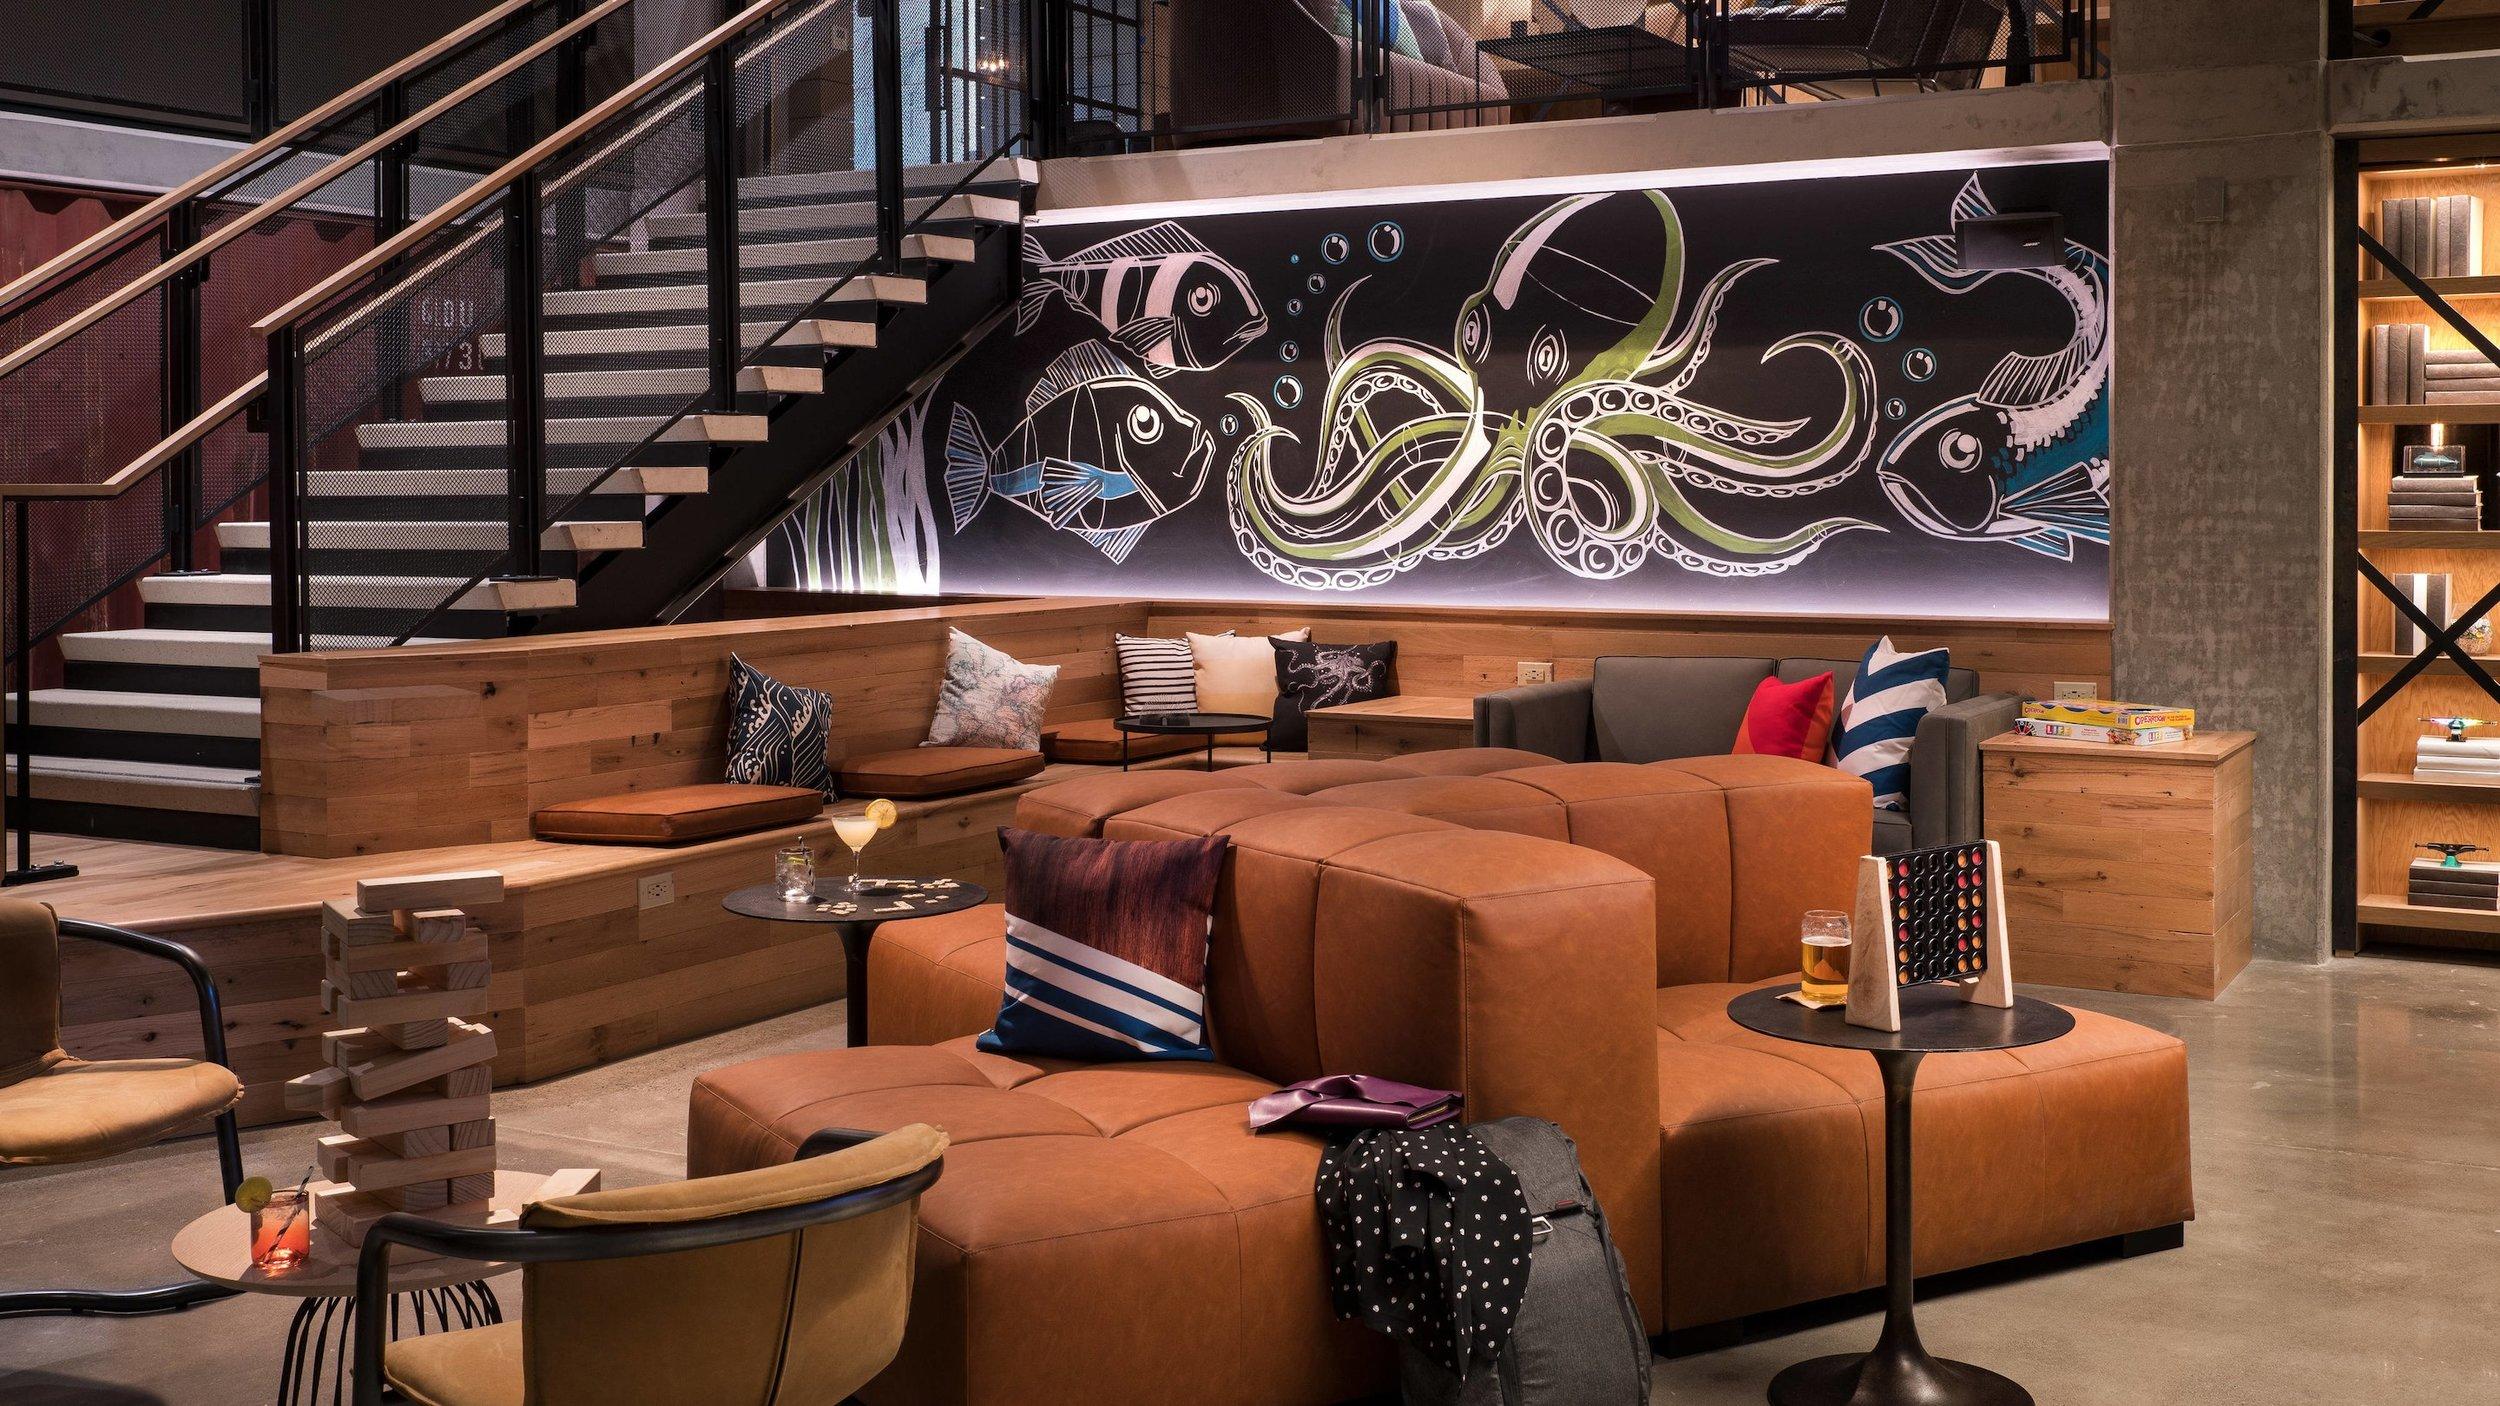 MOXY Hotel. Downtown San Diego